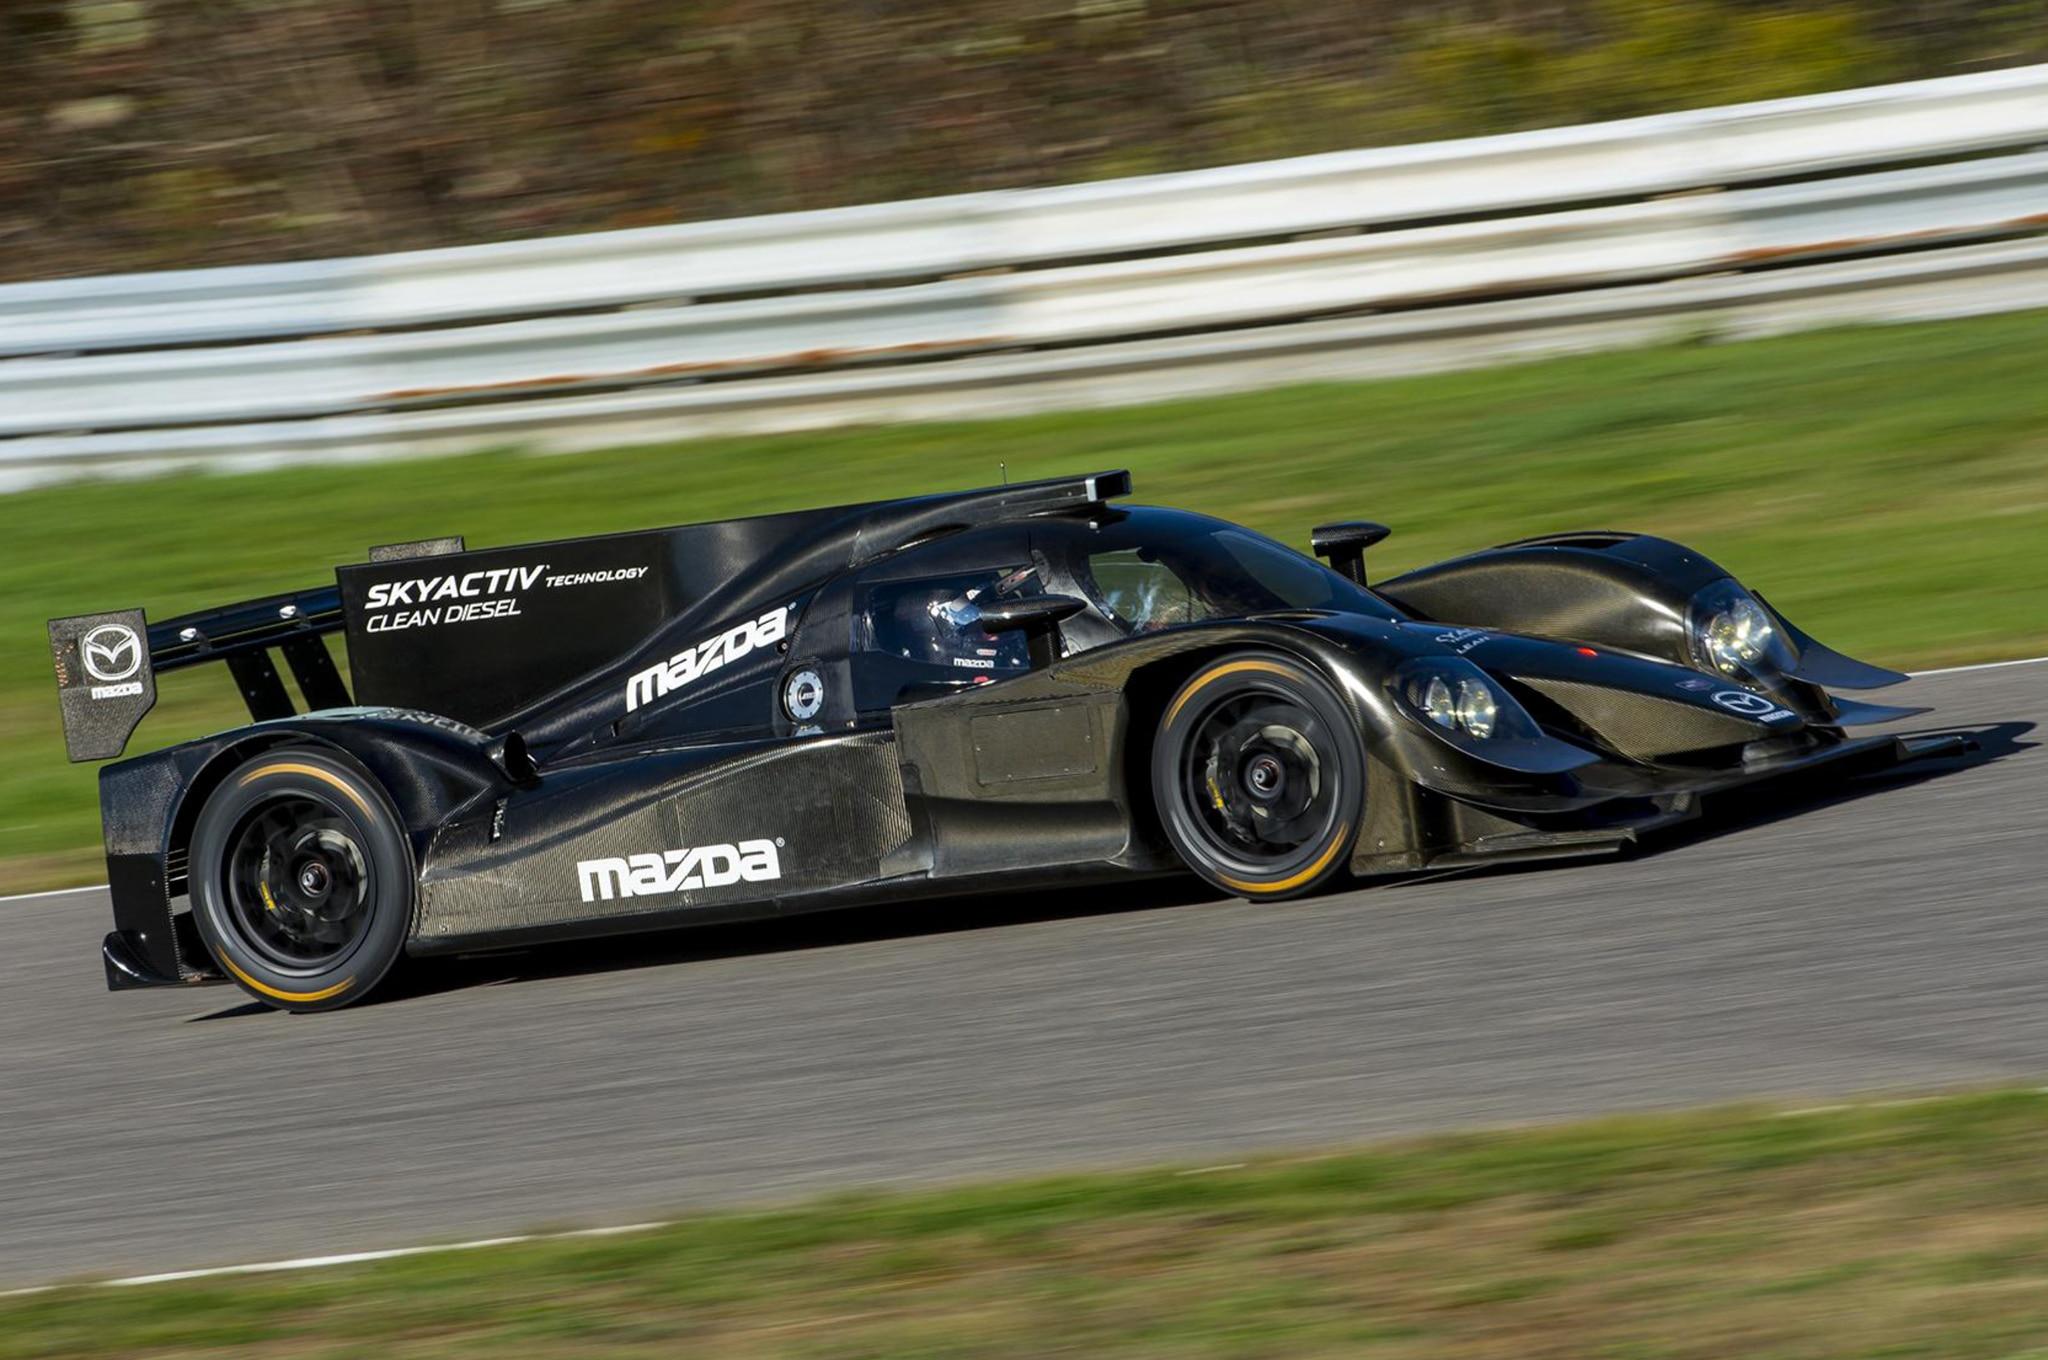 Mazda Skyactiv Diesel Prototype Racer